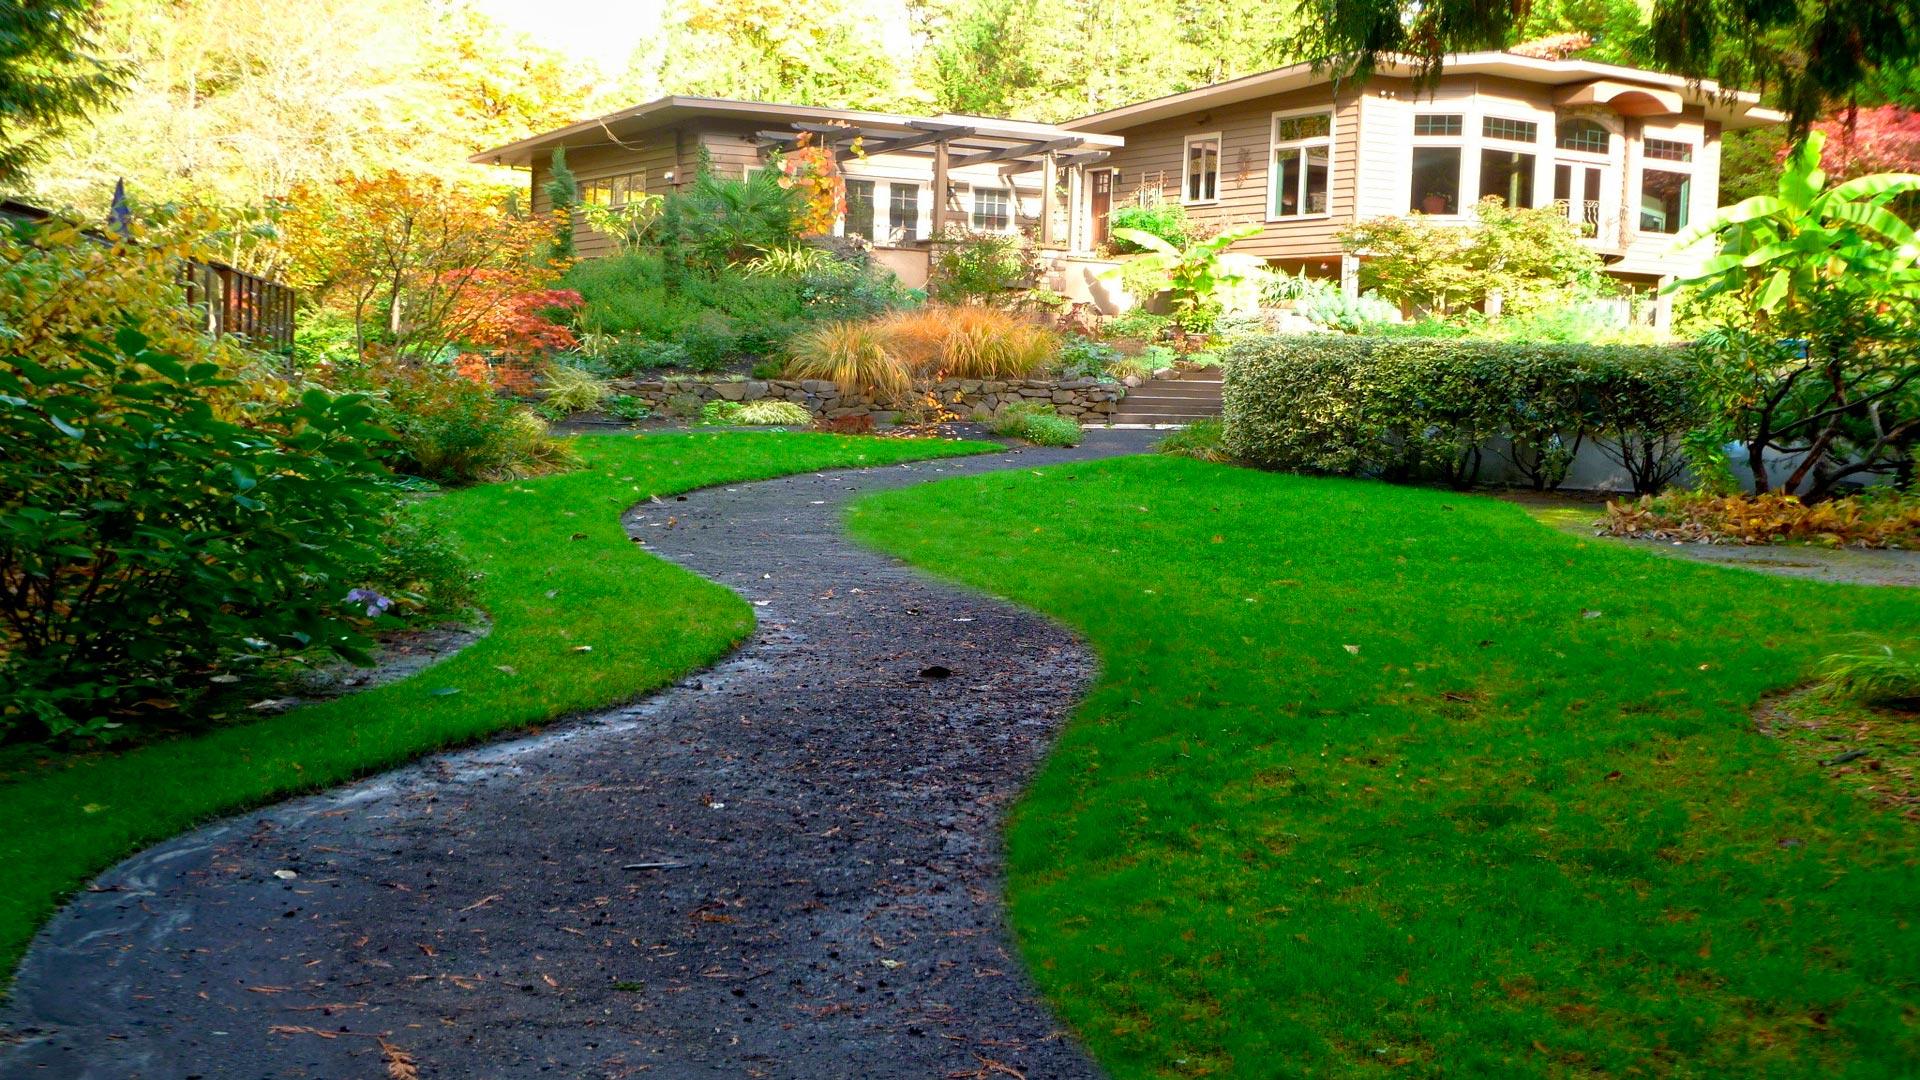 Un camino de cemento en el jard n for Bloques de cemento para jardin